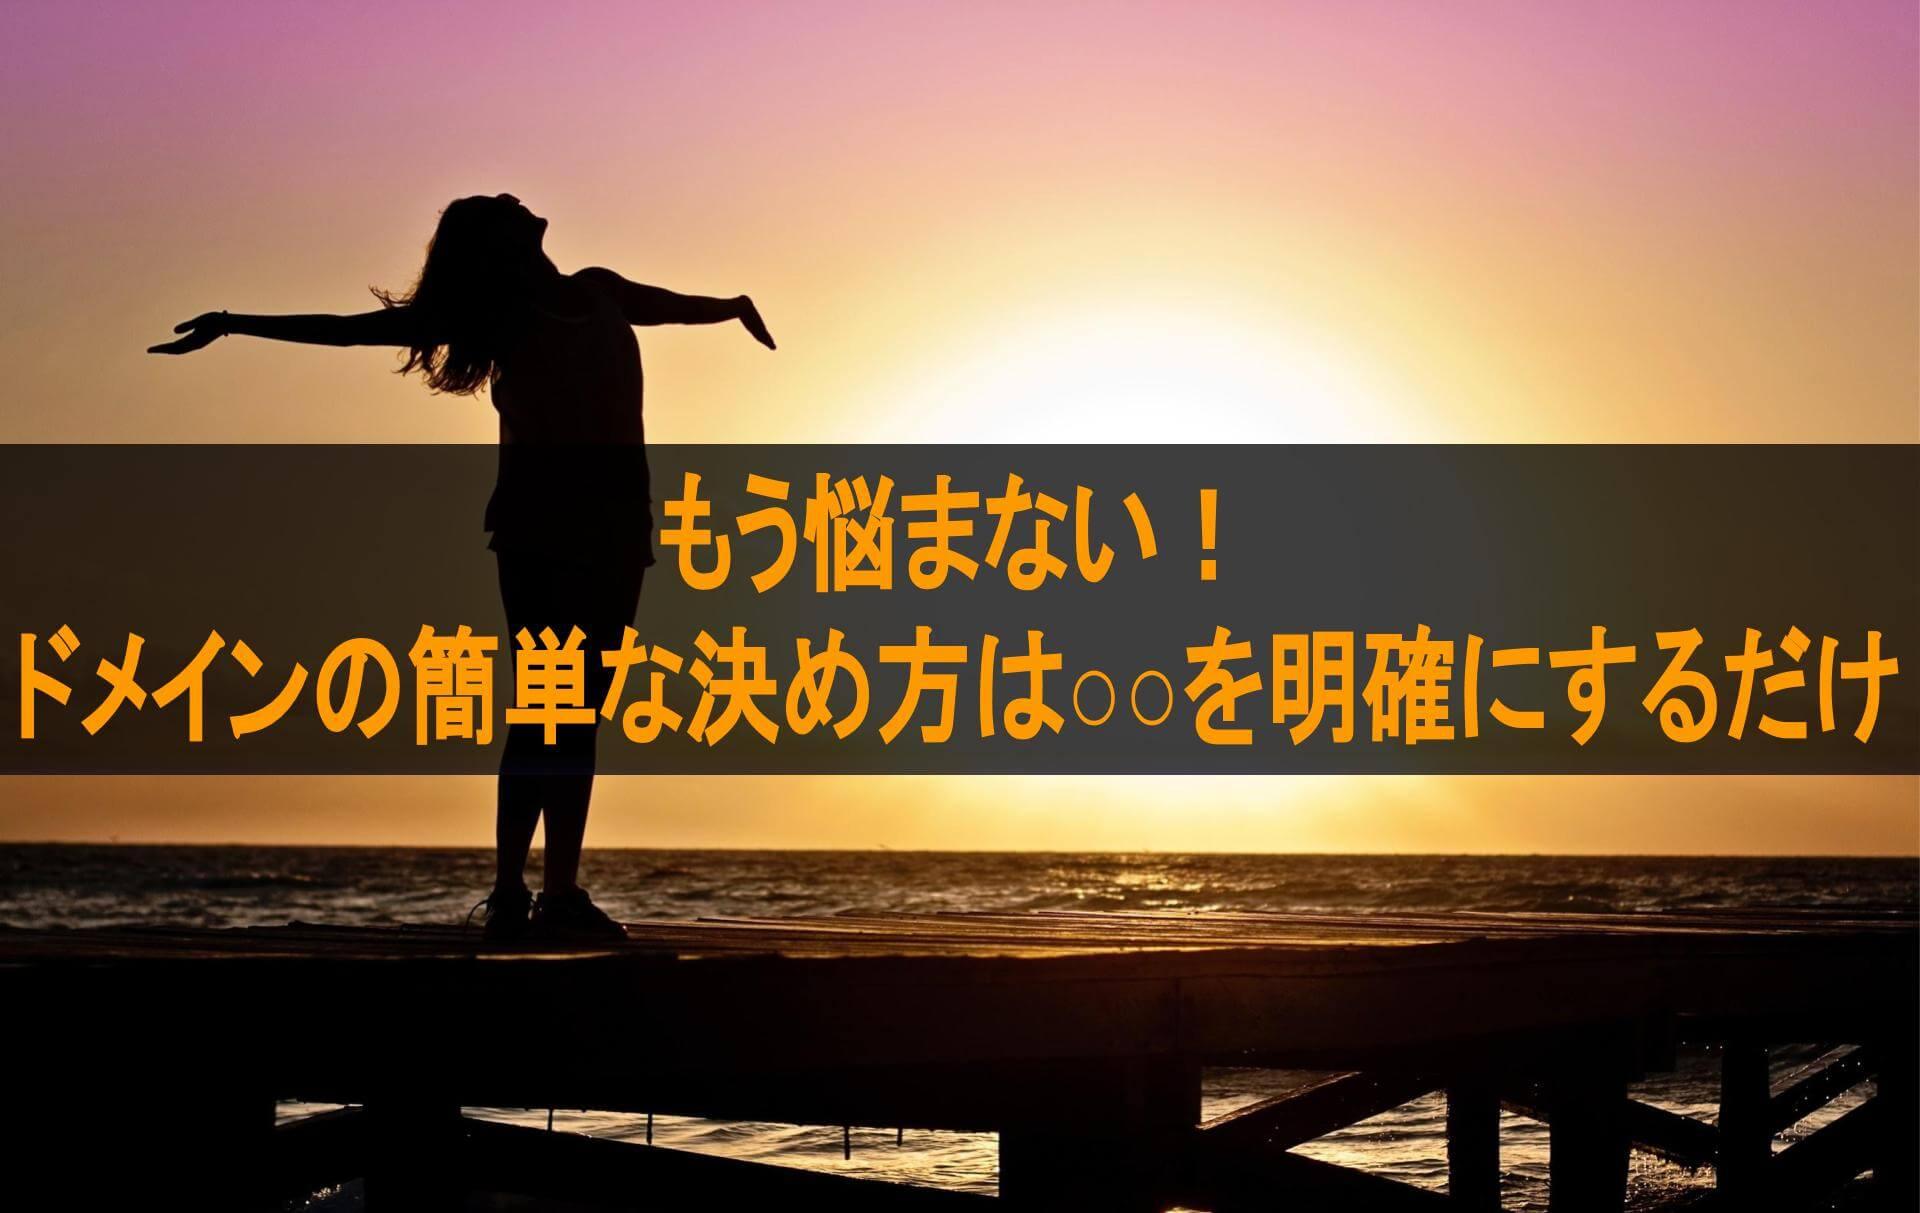 夕焼けの海辺で両手を広げる女性 テキスト「もう悩まない! ドメインの簡単な決め方は○○を明確にするだけ」